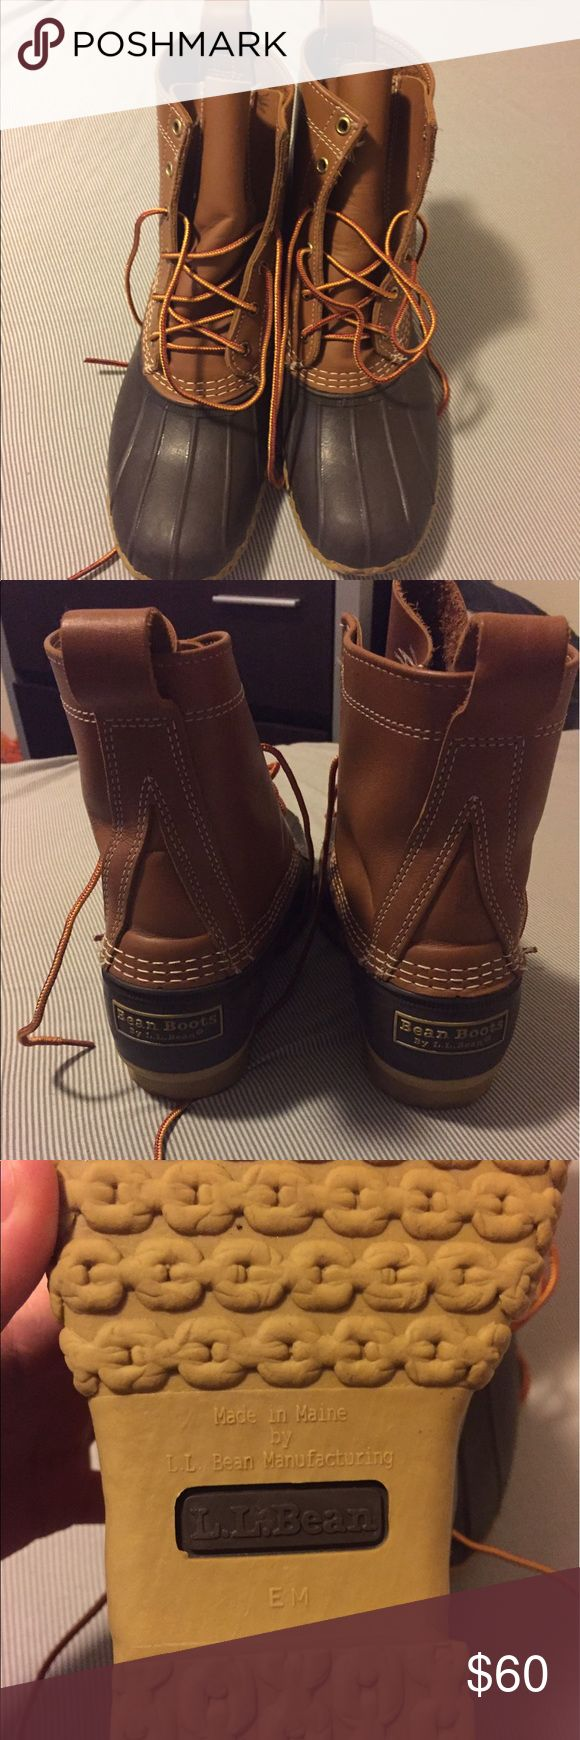 """LL Bean Boots Size 8 Tan/Brown Women's LL Bean Boots 8"""" Size 8, fits like a 9, Tan/Brown color L.L. Bean Shoes Winter & Rain Boots"""